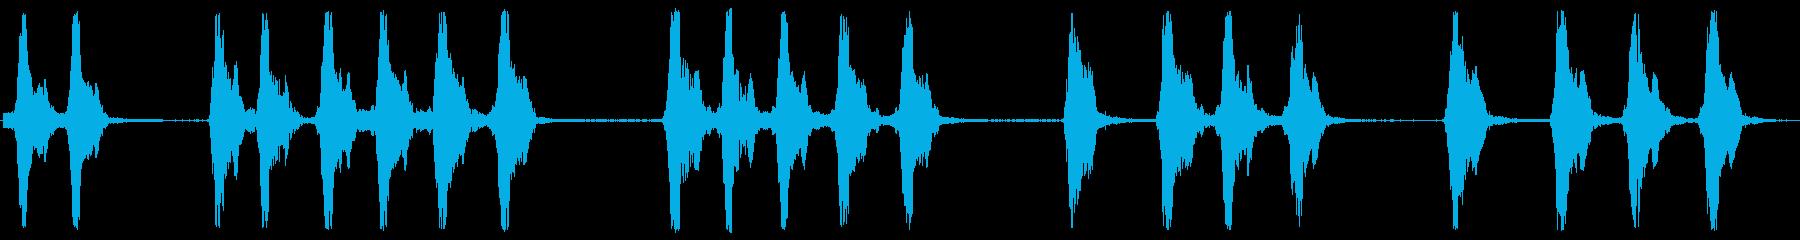 犬の樹皮の再生済みの波形